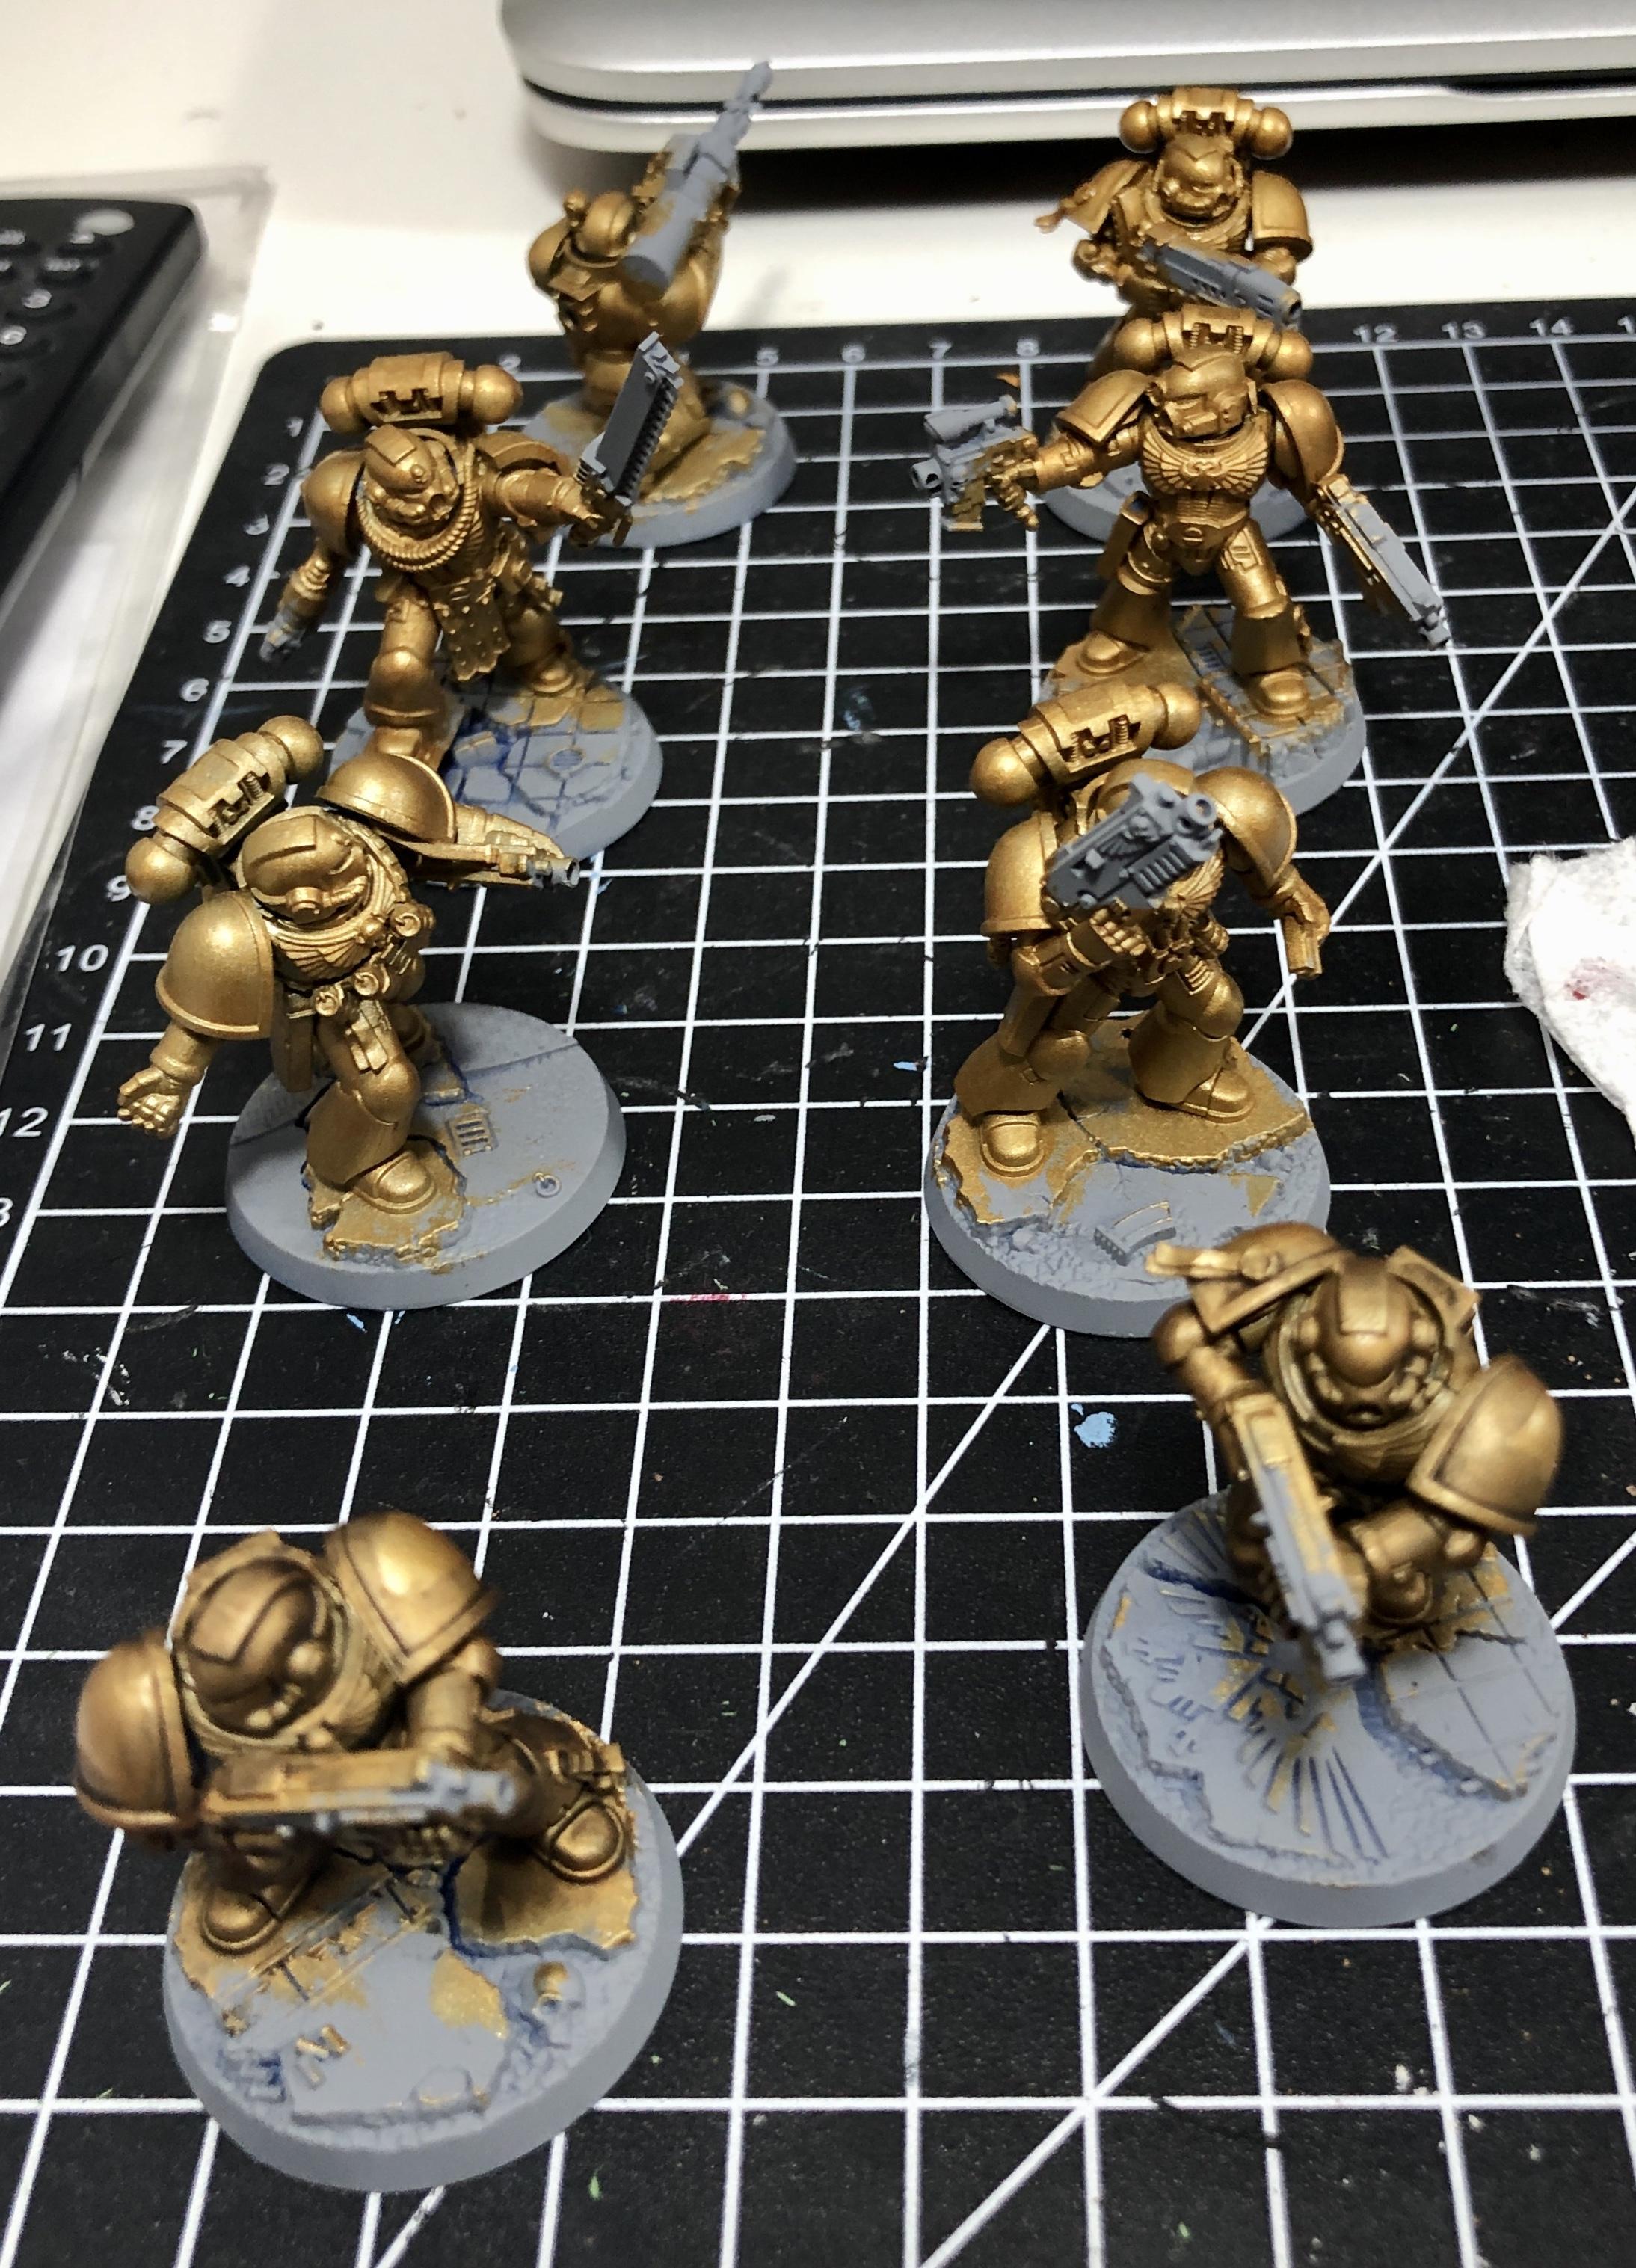 Space Marine Heroes, Space Marines, Warhammer 40,000